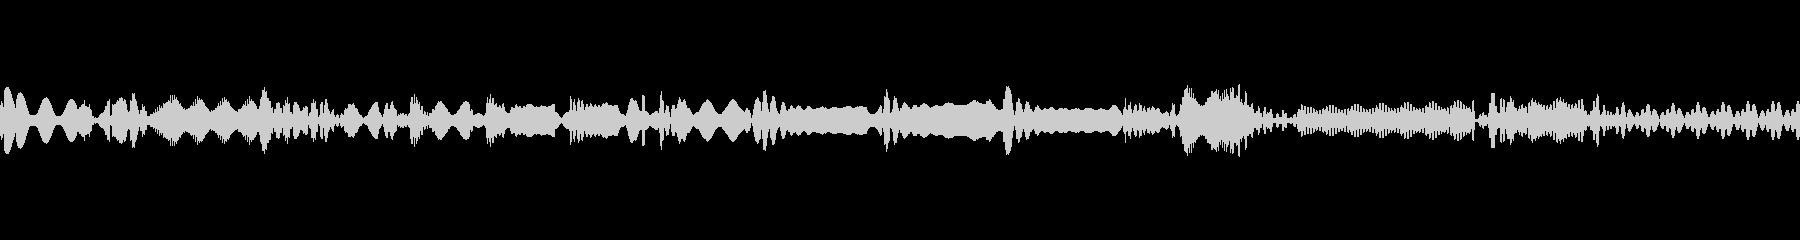 インターコムプロンプトスペースビー...の未再生の波形